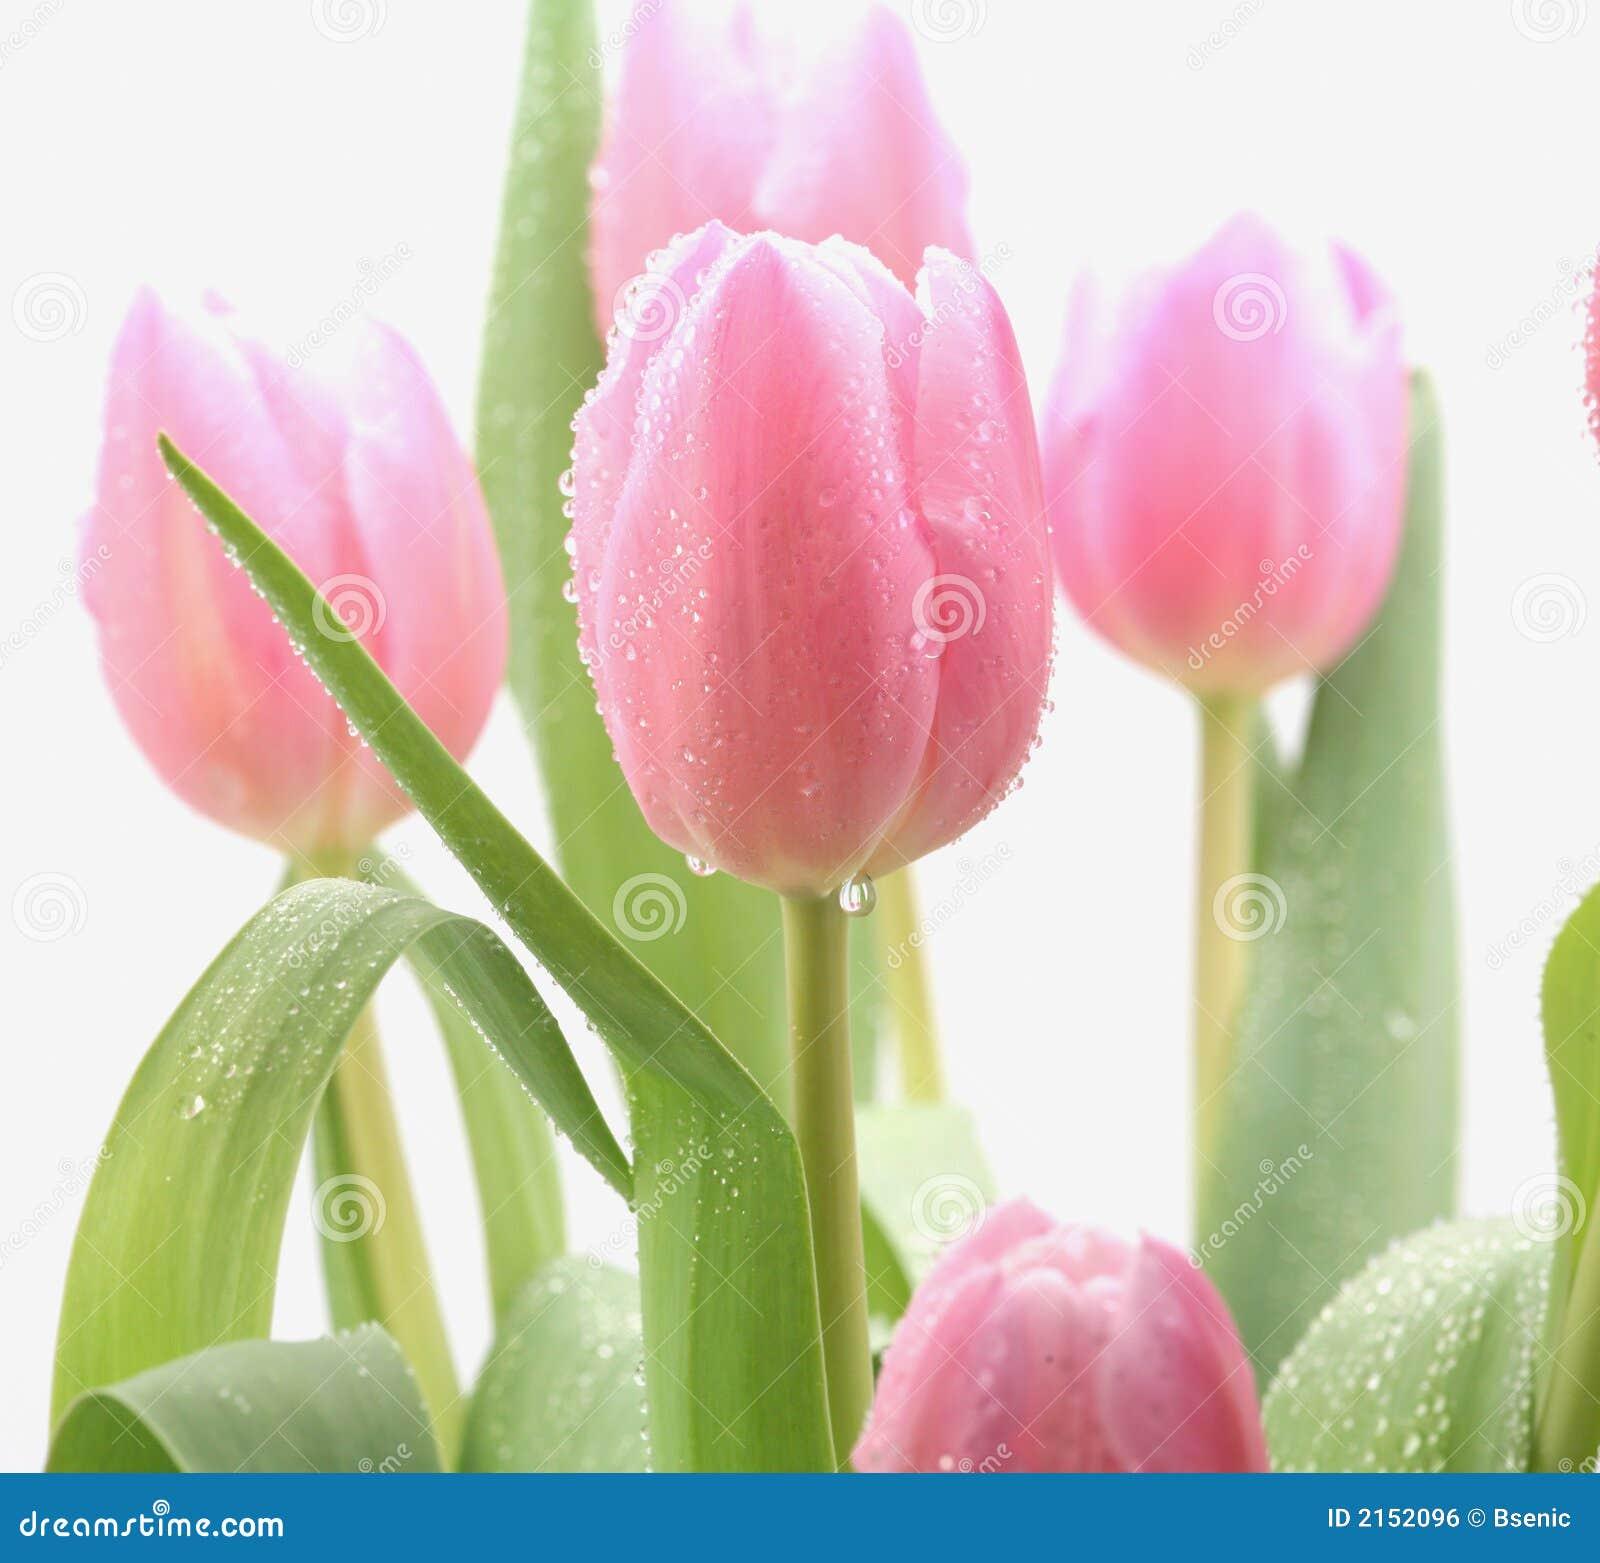 Flores rosadas hermosas imagen de archivo libre de - Fotos flores bellas ...